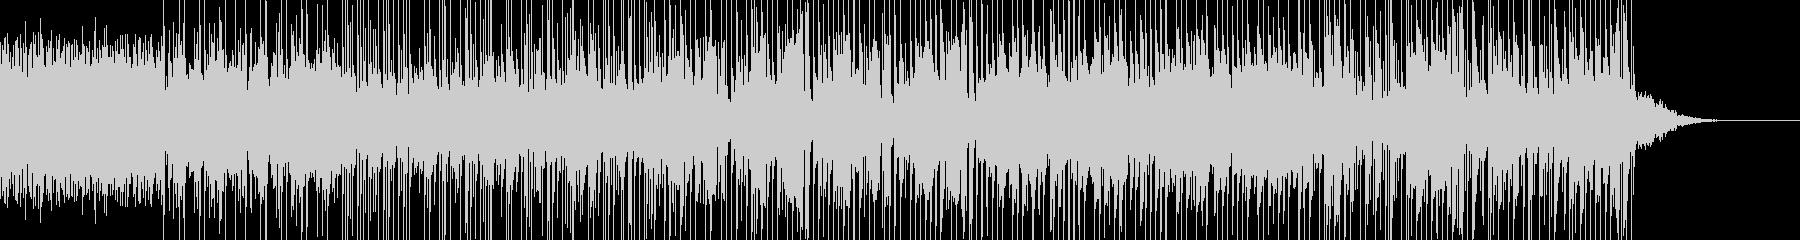 幻想的で怪しく切ない感じのBGMの未再生の波形